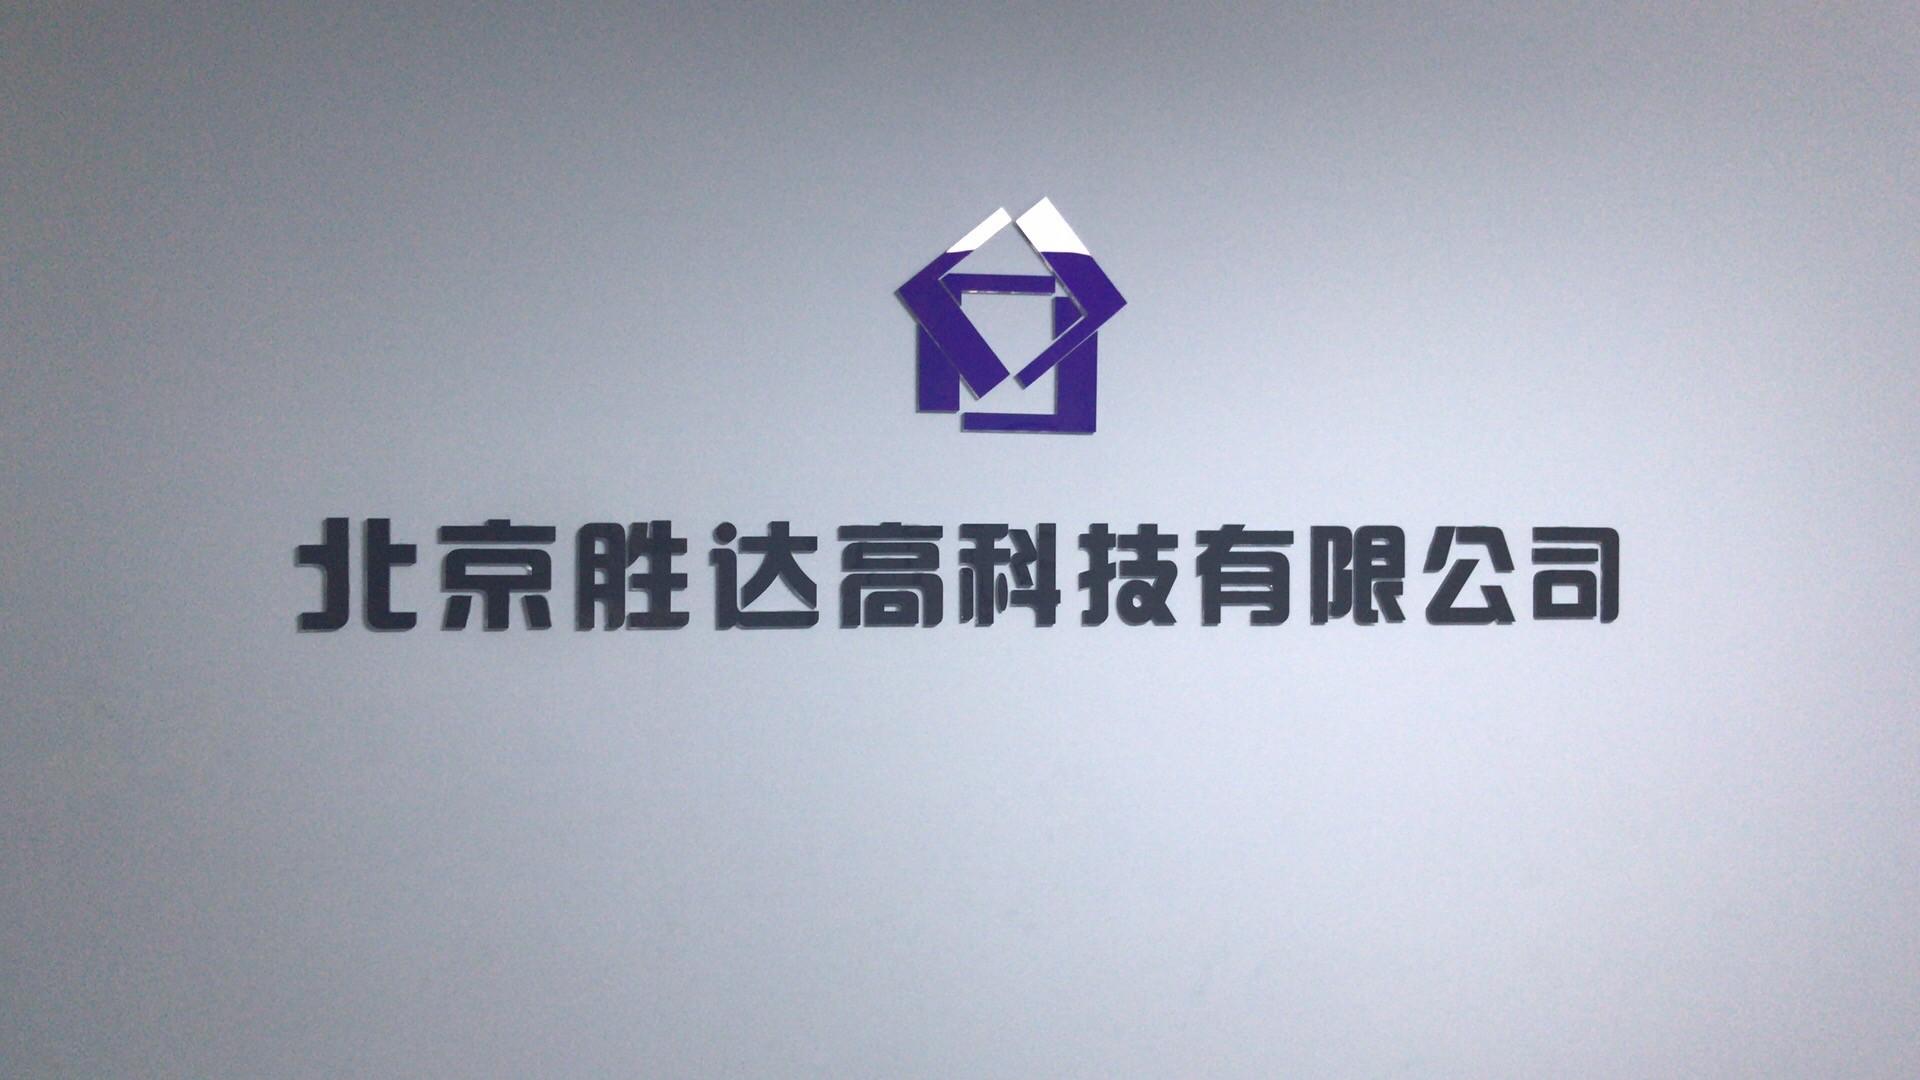 北京胜达高科技有限公司